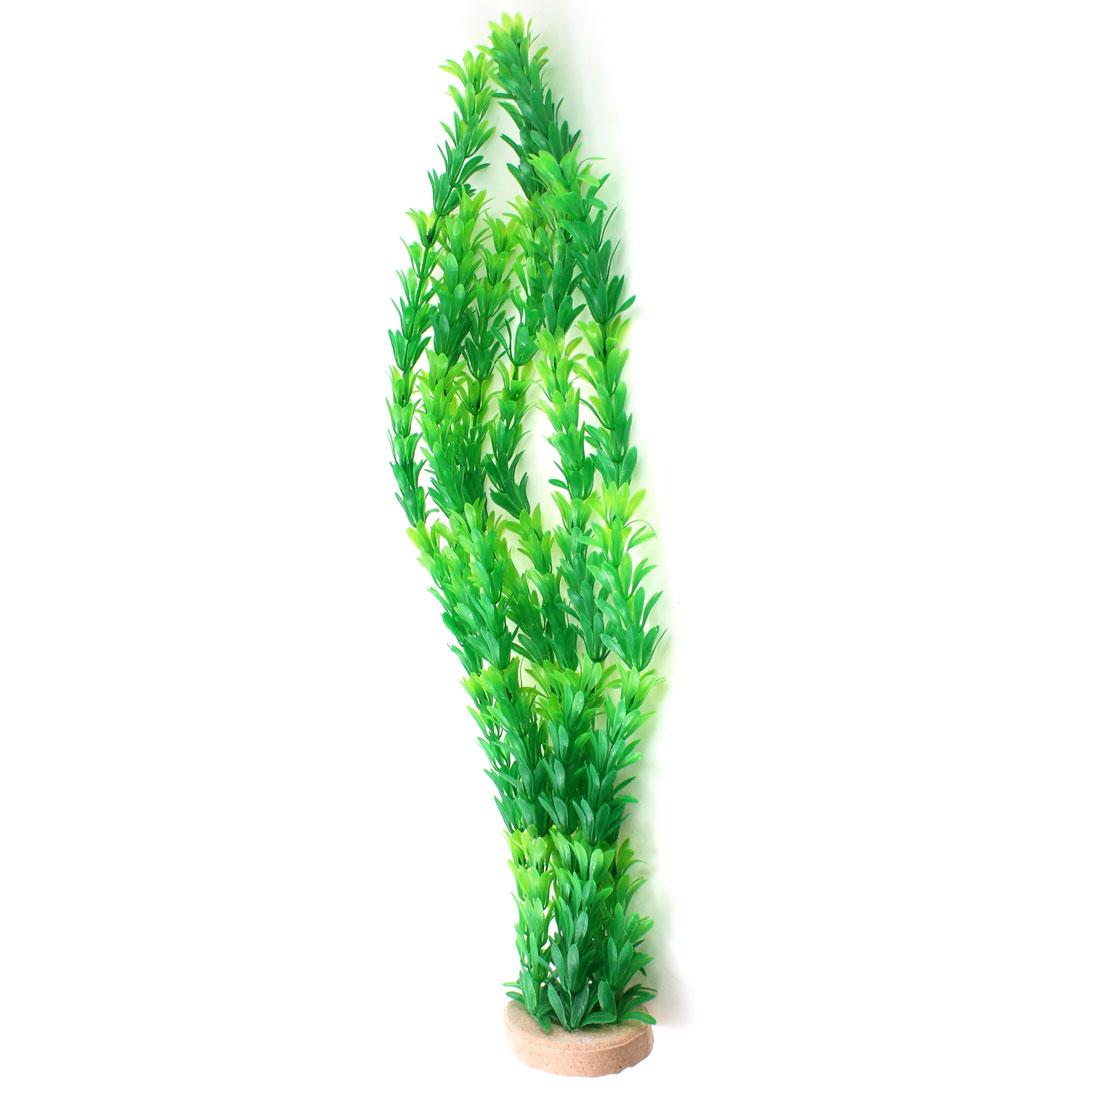 """20.1"""" Height Green Grass Plastic Aquatic Plant for Aquarium"""